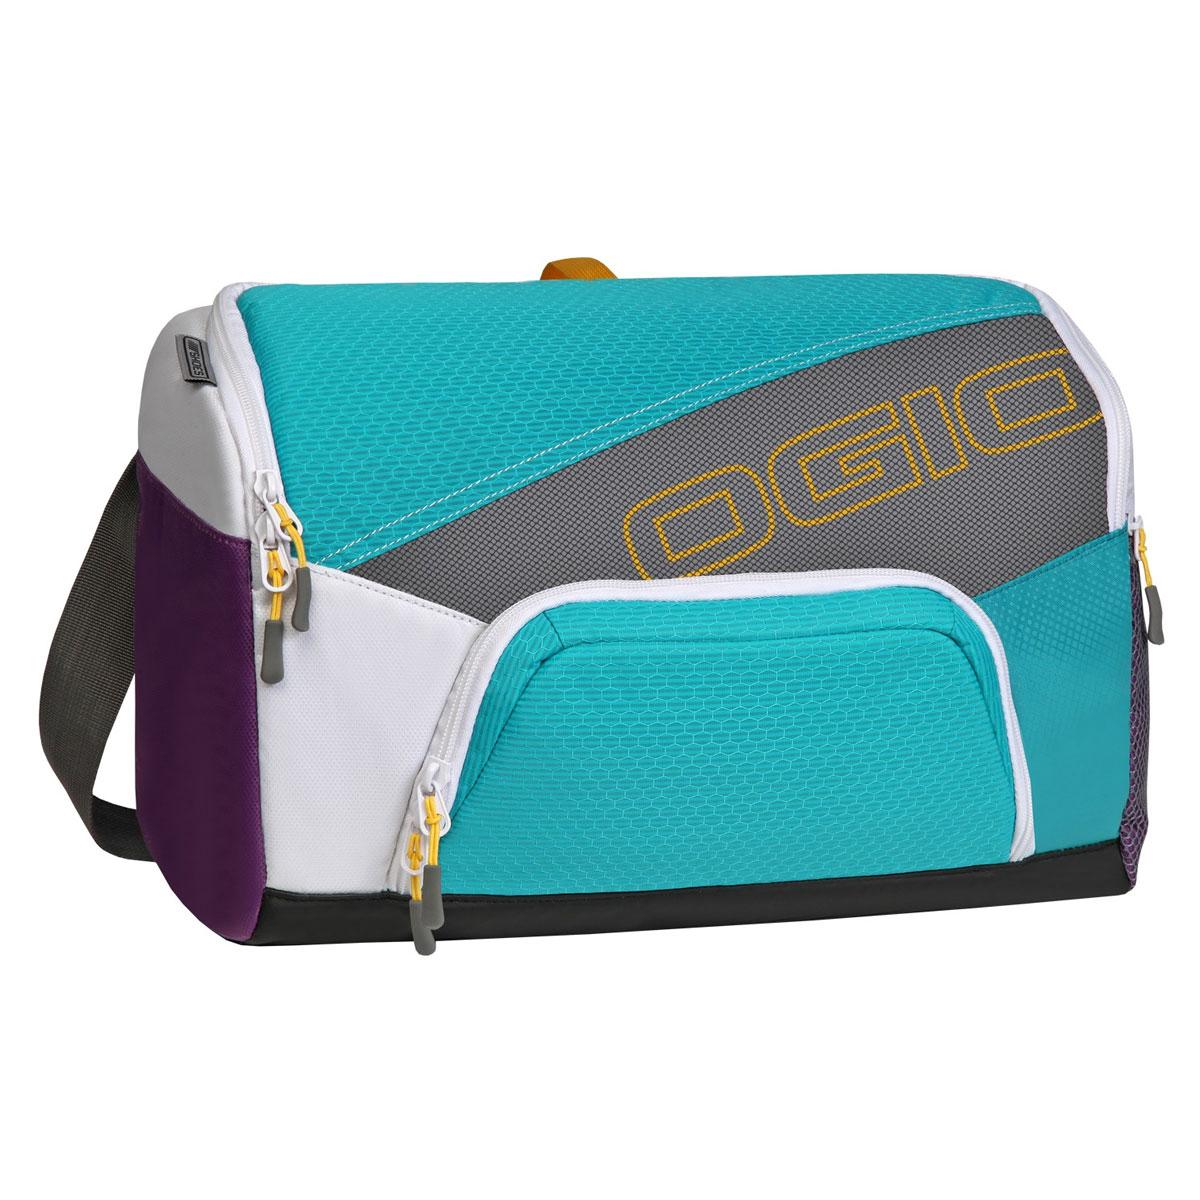 Сумка OGIO Quickdraw, цвет: голубой, фиолетовый. 112041.37773298с-1Спортивная сумка OGIO Quickdraw подойдет людям, которые не привыкли таскать с собой габаритные сумки.Плечевая спортивная сумка OGIO - это Ваш помощник в спортивной жизни. Компактная сумка легко поместит в себе пару обуви, футболку с шортами, шейкер, мелкие вещи и электронные гаджеты.Особенности:Основное отделение отлично вмещает обувь для бега и сменную одежду.Внутренний карман для бутылки с водой.Дополнительное специальное отделение под крышкой для хранения продуктов питания.Внутренний карман для ключей и ценных вещей.Наружный карман с подбивкой для хранения ценных вещей.Легкая, износоустойчивая и прочная на разрыв ткань.Скрытая сетка для вентиляции основного отделения.Боковой карман с двусторонней застежкой на молнии носостойкое и устойчивое к истиранию брезентовое основание.Вентилируемая задняя стенка с системой проветривания.Простой регулируемый наплечный ремень Надежно закрепленный ремень для переноски.Яркая подкладка.Объем: 15 л.Материал: кареточная ткань 420D, кареточная ткань 210D.